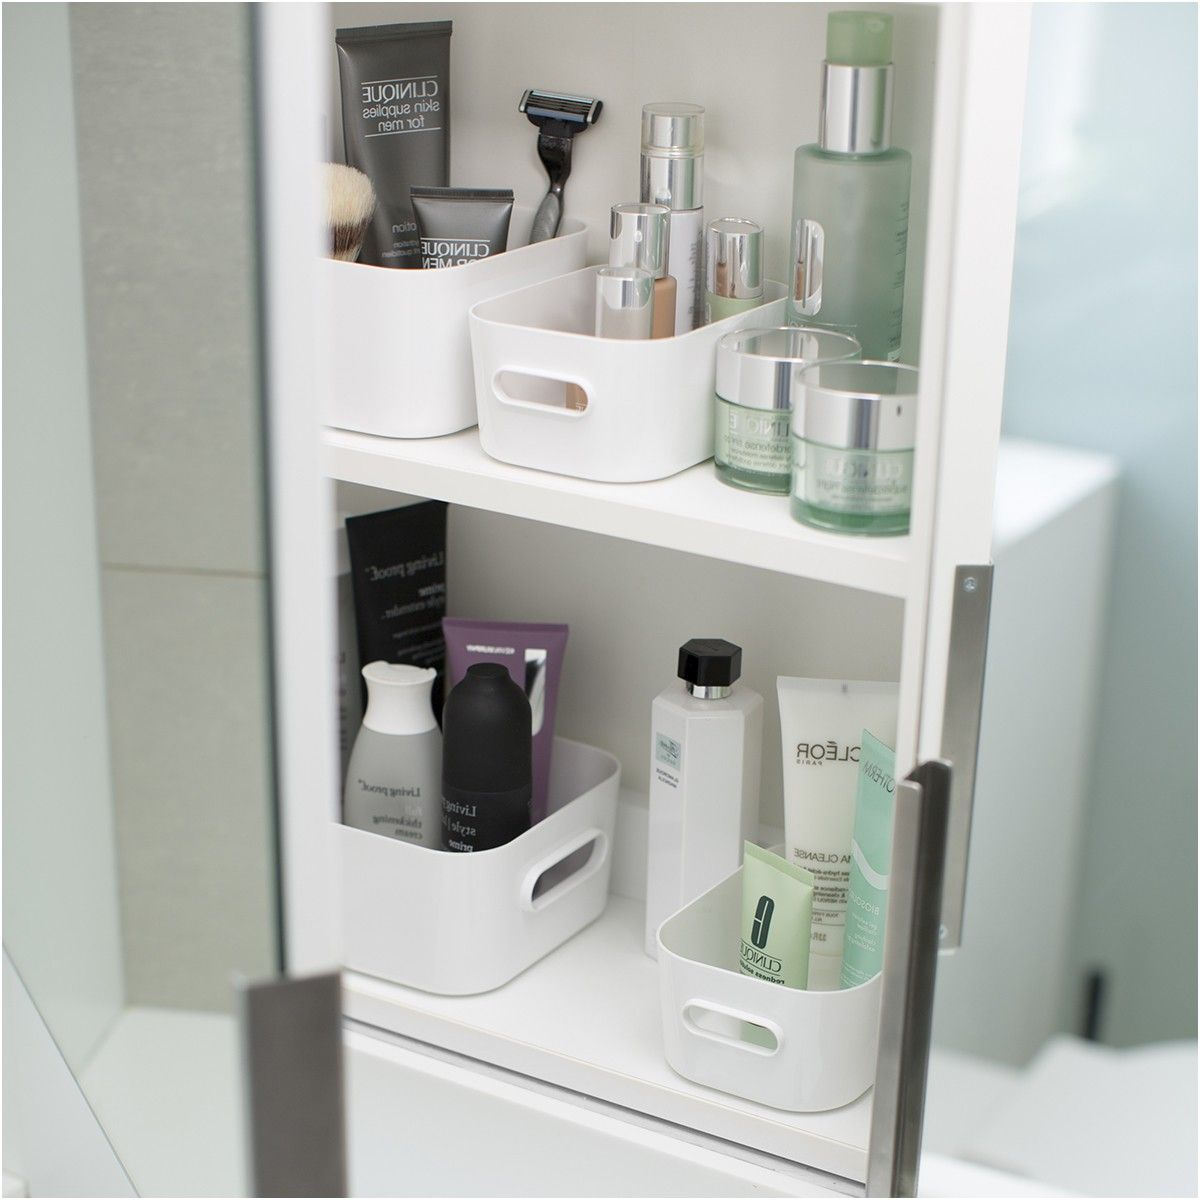 Under Sink Organizers & Bathroom Cabinet Storage Organization from ...